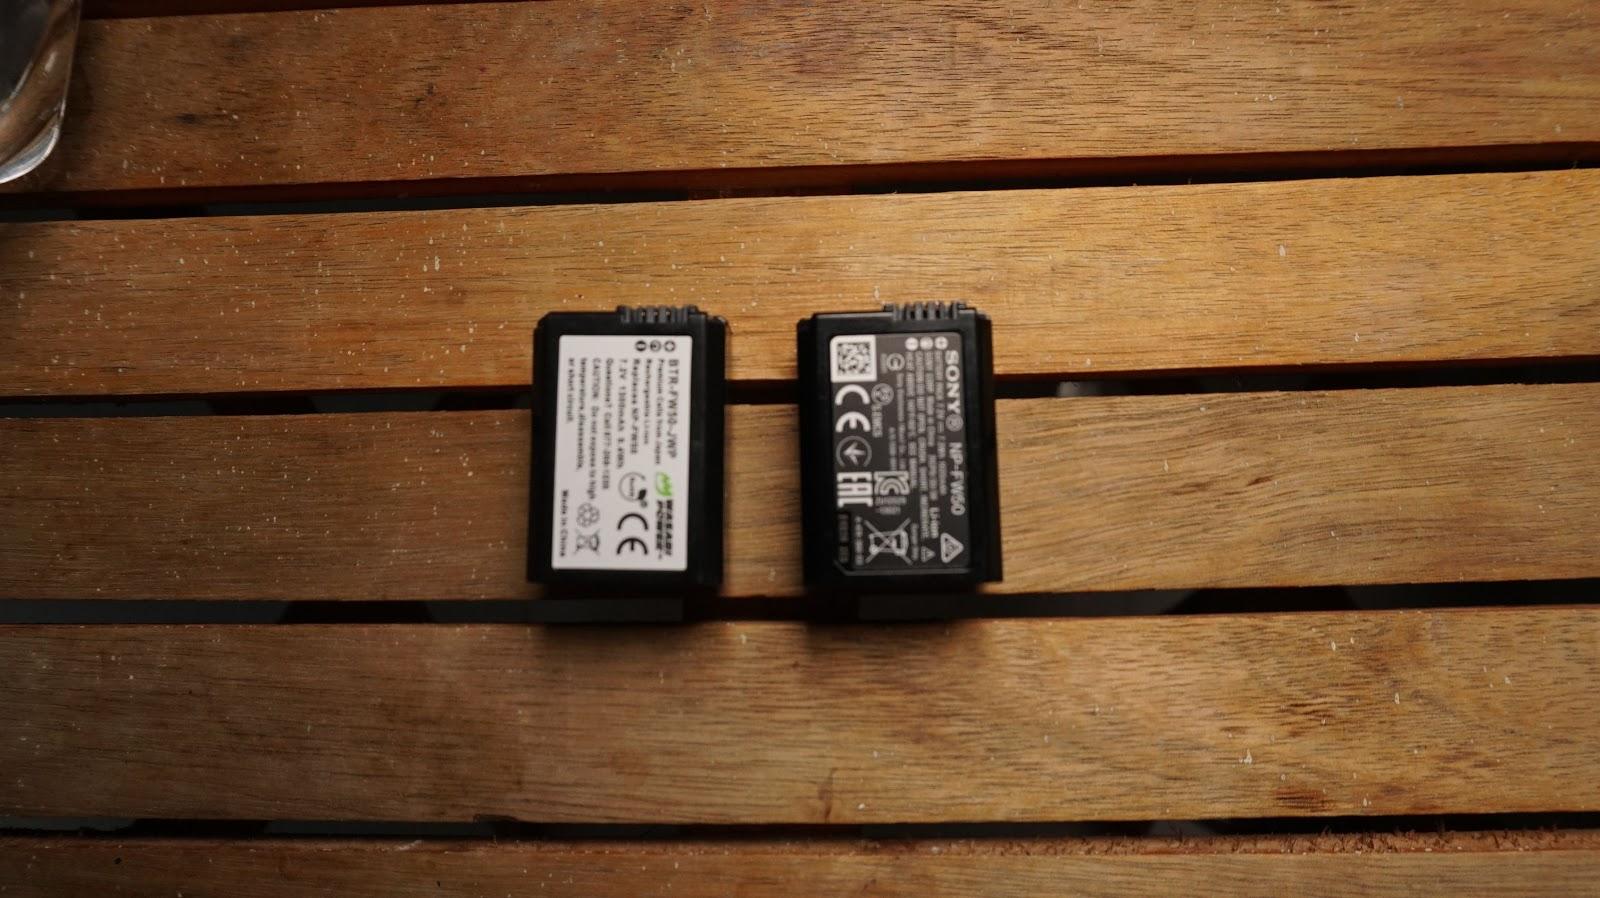 Không có khác biệt giữa Pin chính hãng Sony và Wasabi FW50